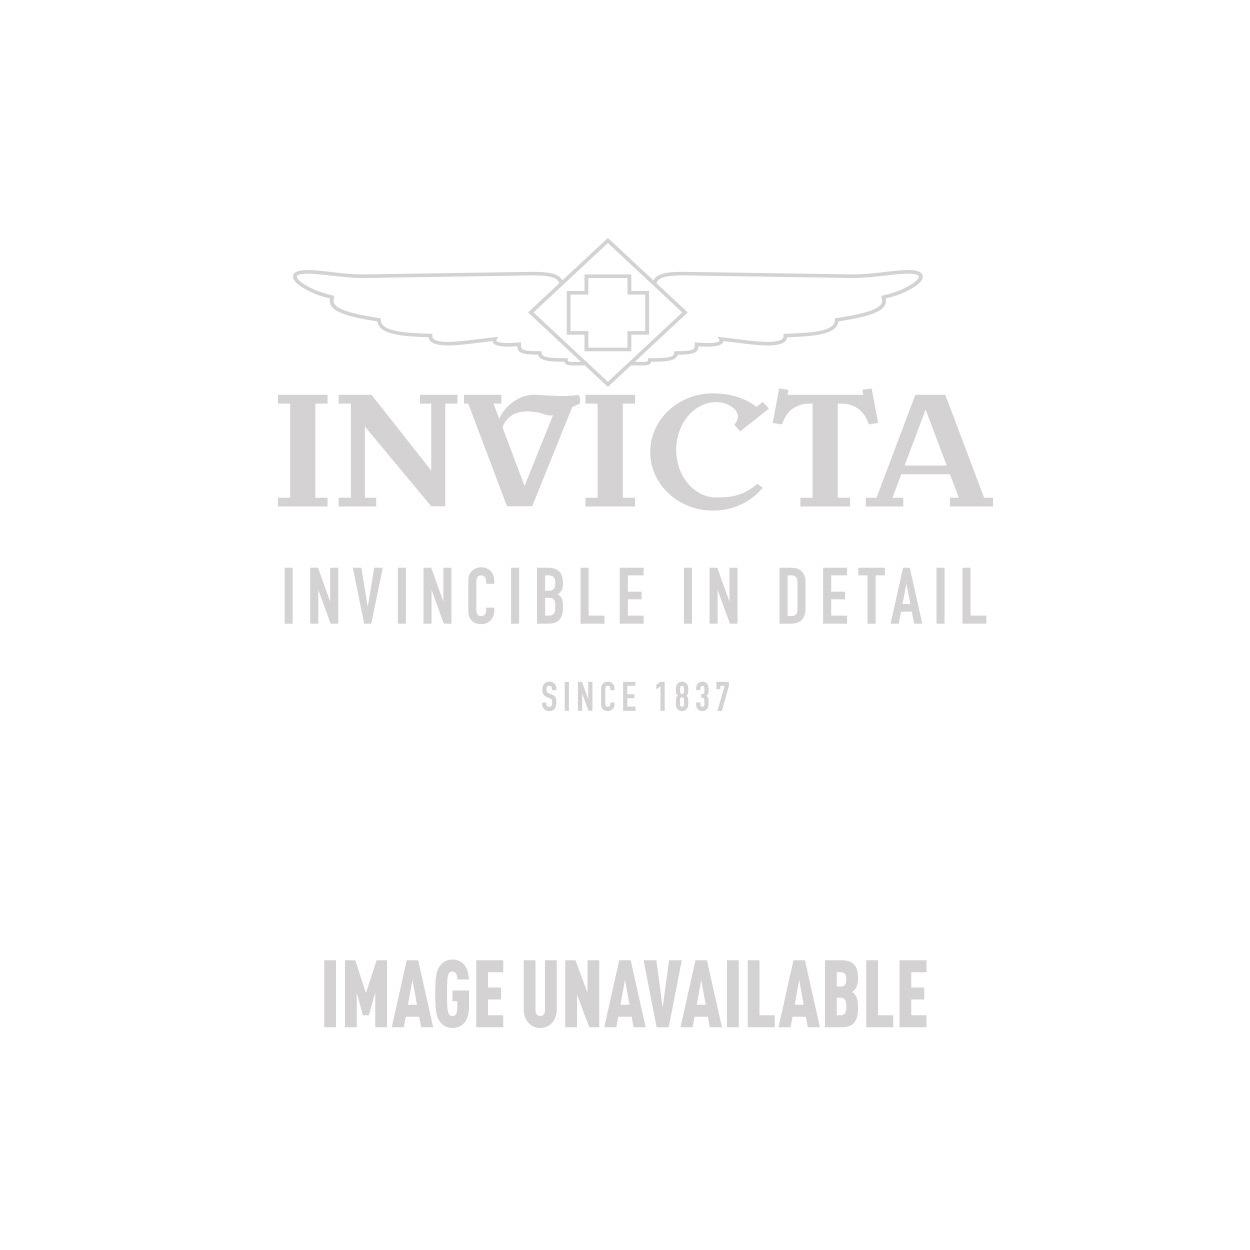 Invicta Model 29320